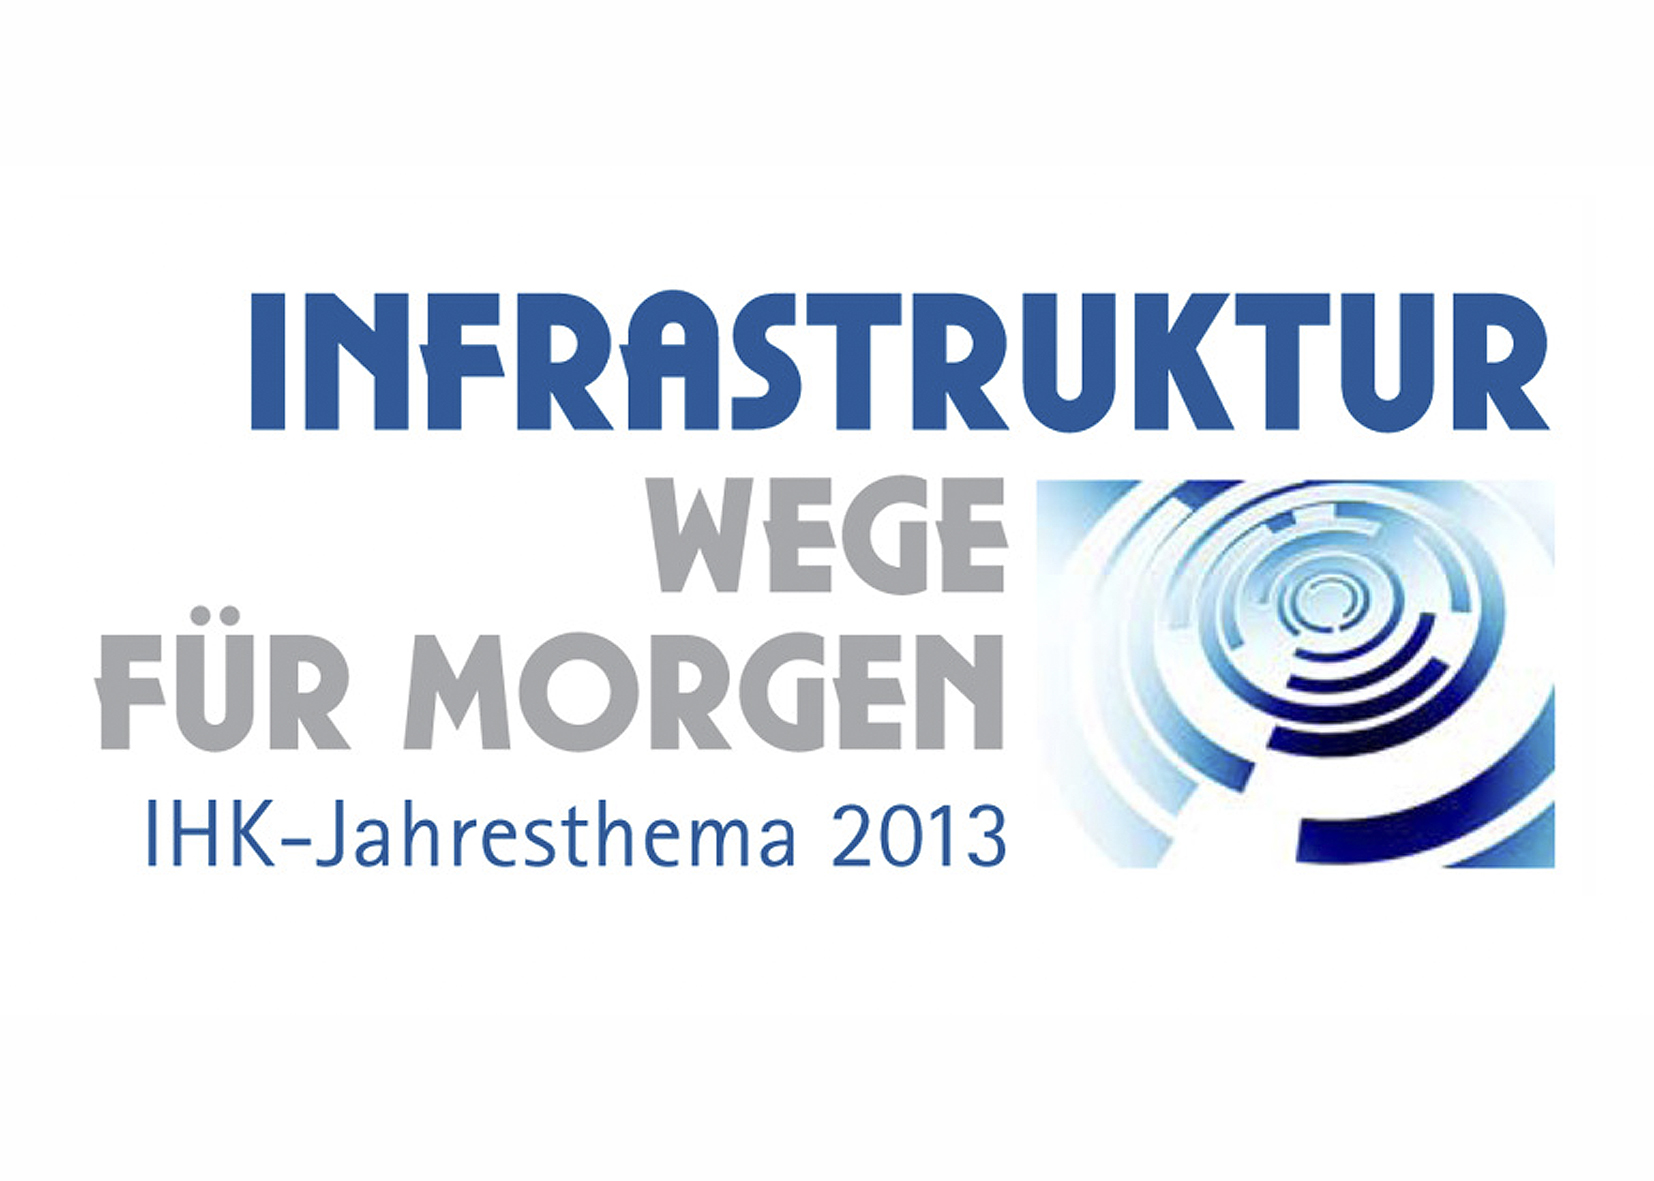 IHK-Jahreslogo 2013-1